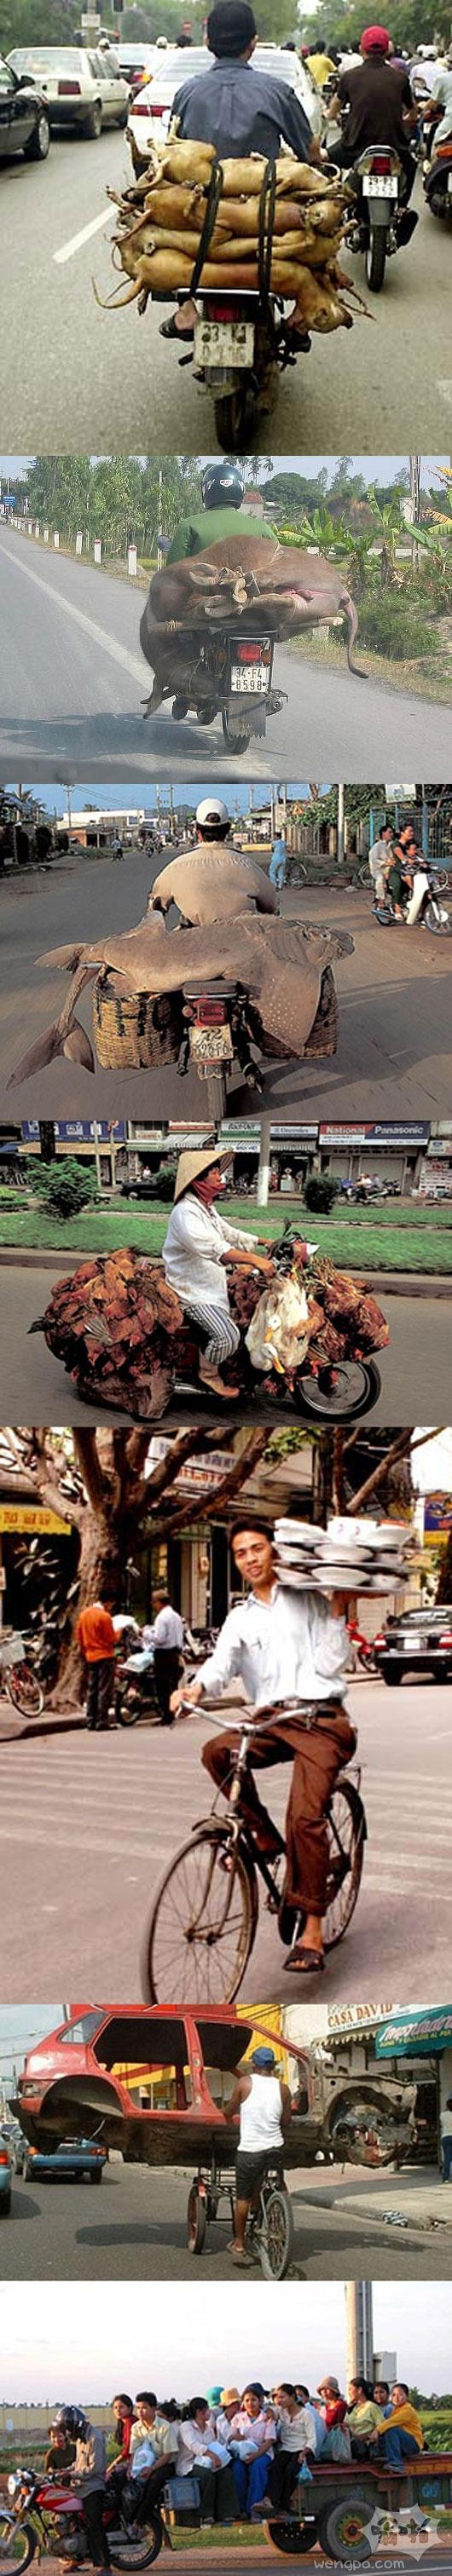 高手在民间 越南街头摩托车装的各种奇葩货物